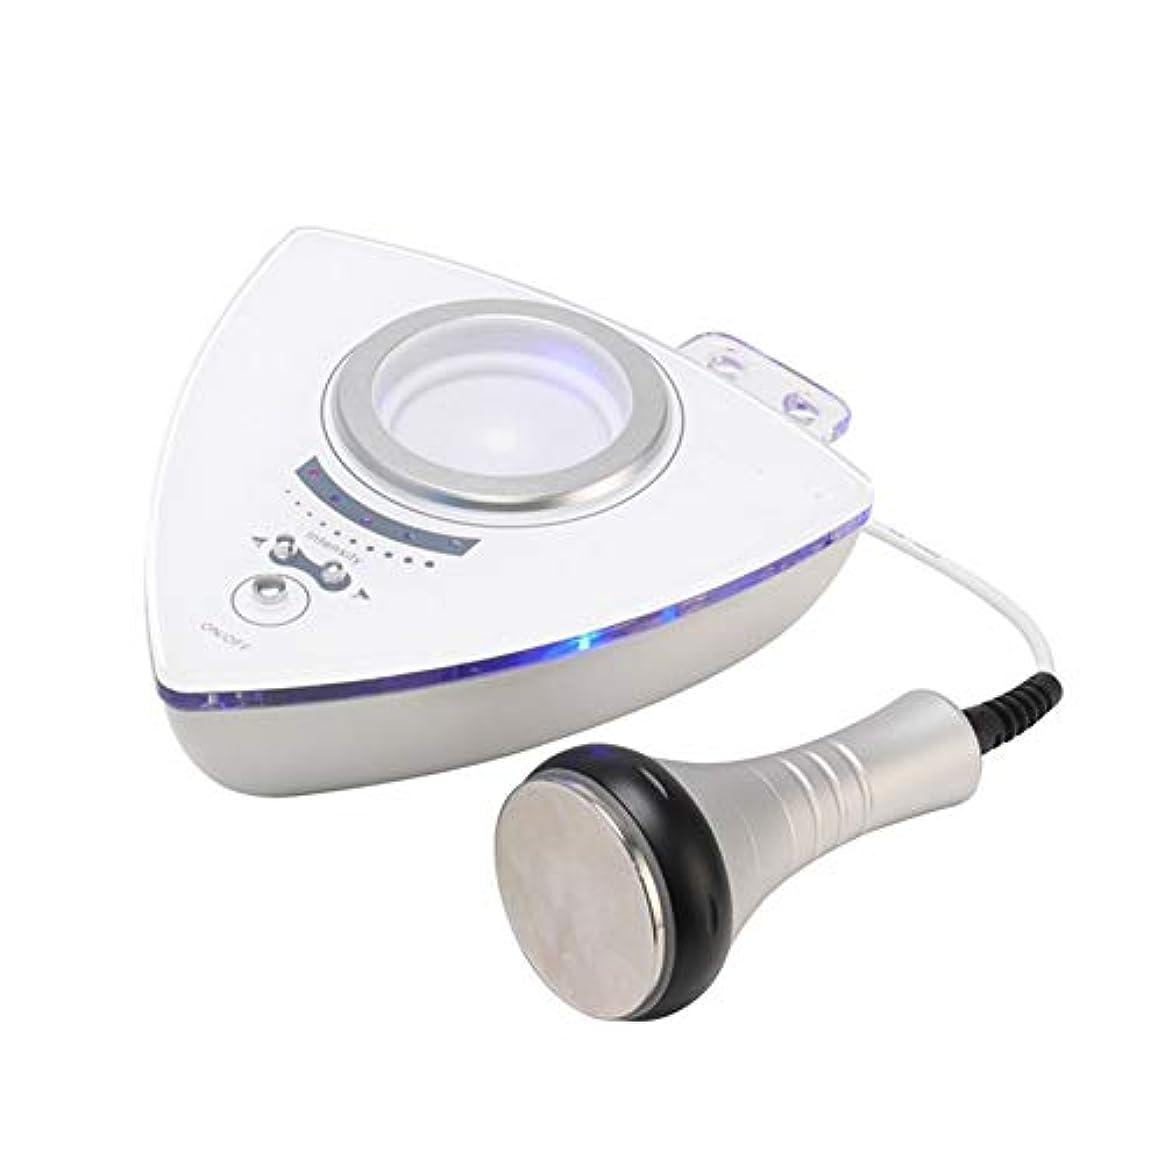 ポンプ叫ぶ加速度家庭用ポータブルフェイシャルマシンラジオ周波数フェイシャルmachinefor肌の若返りしわ除去肌引き締めアンチエイジングスキンケア美容ツール